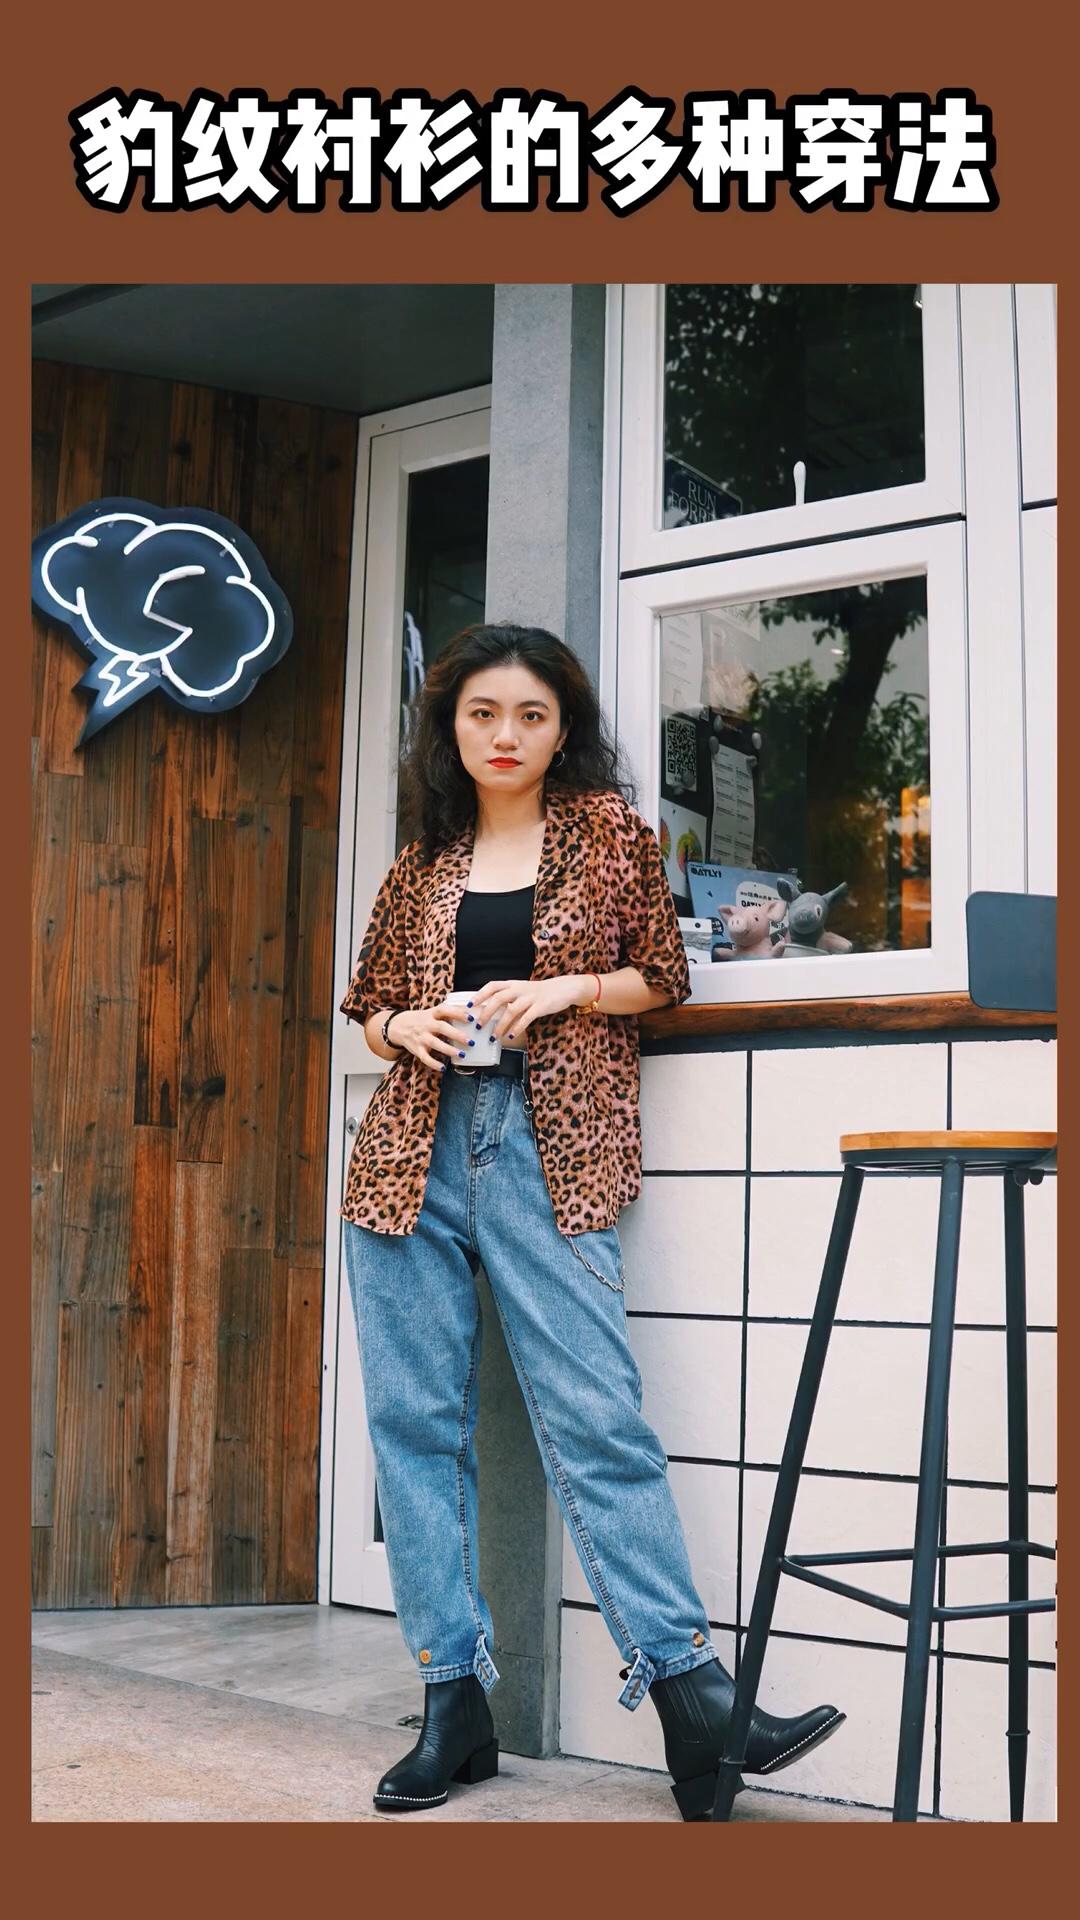 2019 | 少女的色彩水族馆 62 🌈今日色彩:豹子女士💥  立秋已过,虽然天气还很热,但是已经迫不及待想拥抱秋季元素了。 豹纹是秋冬常用的元素,特别是豹纹衬衫,可以搭配很多东西。 豹纹是很神奇的东西。搭配好了有气质,搭配不好老十岁‼️这里少女教你两招👌 ✅可以内搭➕衬衫,将衬衫当做秋季薄外套。适当露出肌肤,可以解决大片花色带来的压迫和老气横秋的感觉。 ✅衬衫除了老老实实扎进裤子,也可以把下摆打结,更加有趣好看。 你学会了吗?我们下期见📺 ————————————————————— 💥豹纹衬衫 👕多种搭配 🆗性感显瘦单品 #夏→秋,一件外套搞定!#